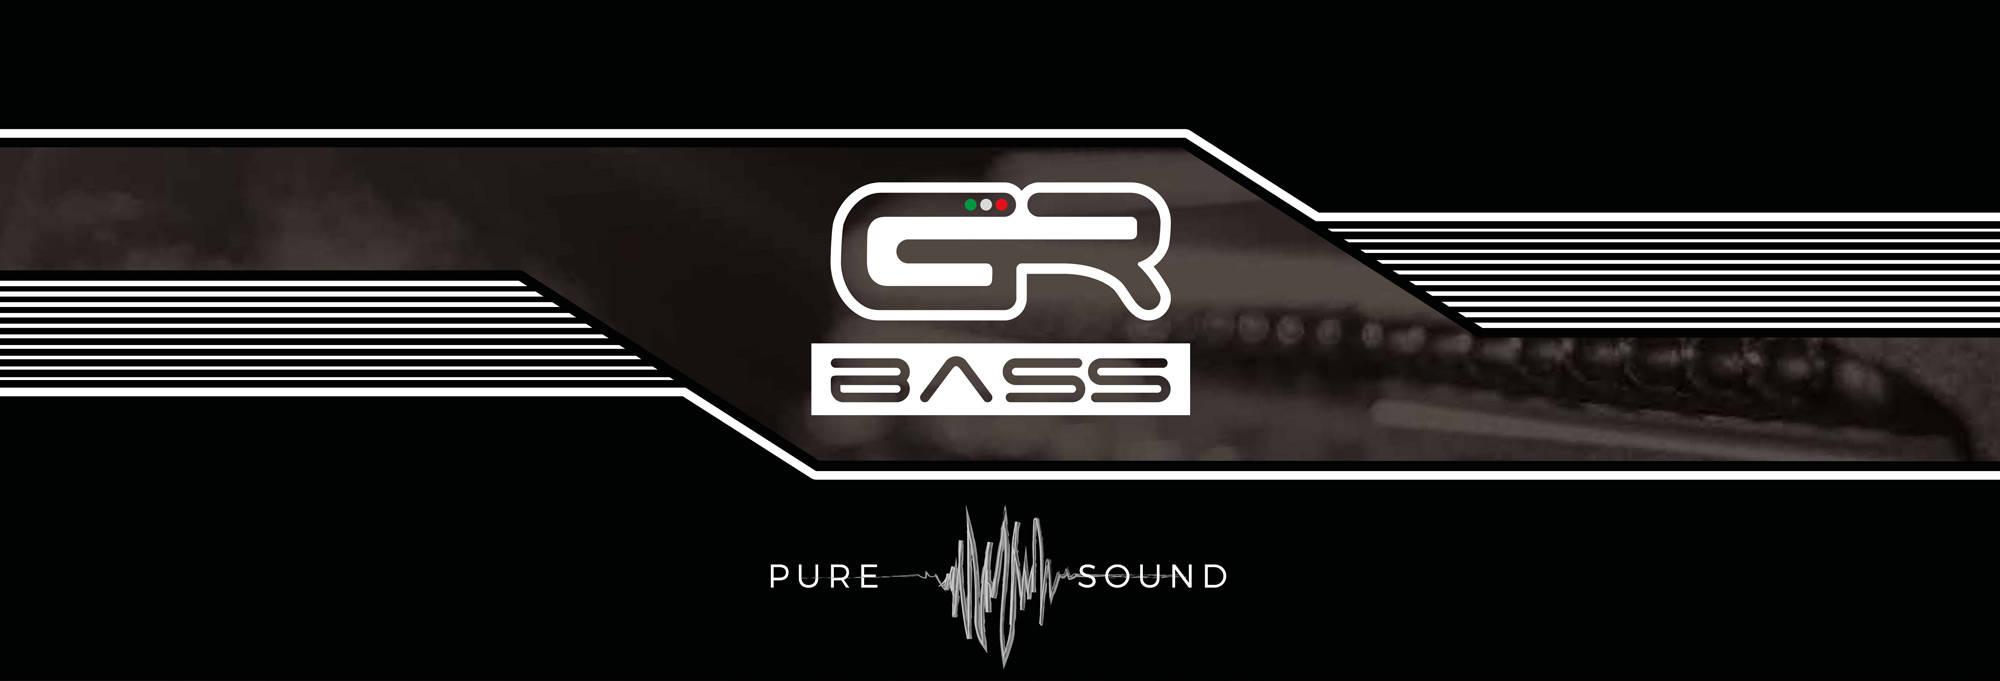 GR Bass